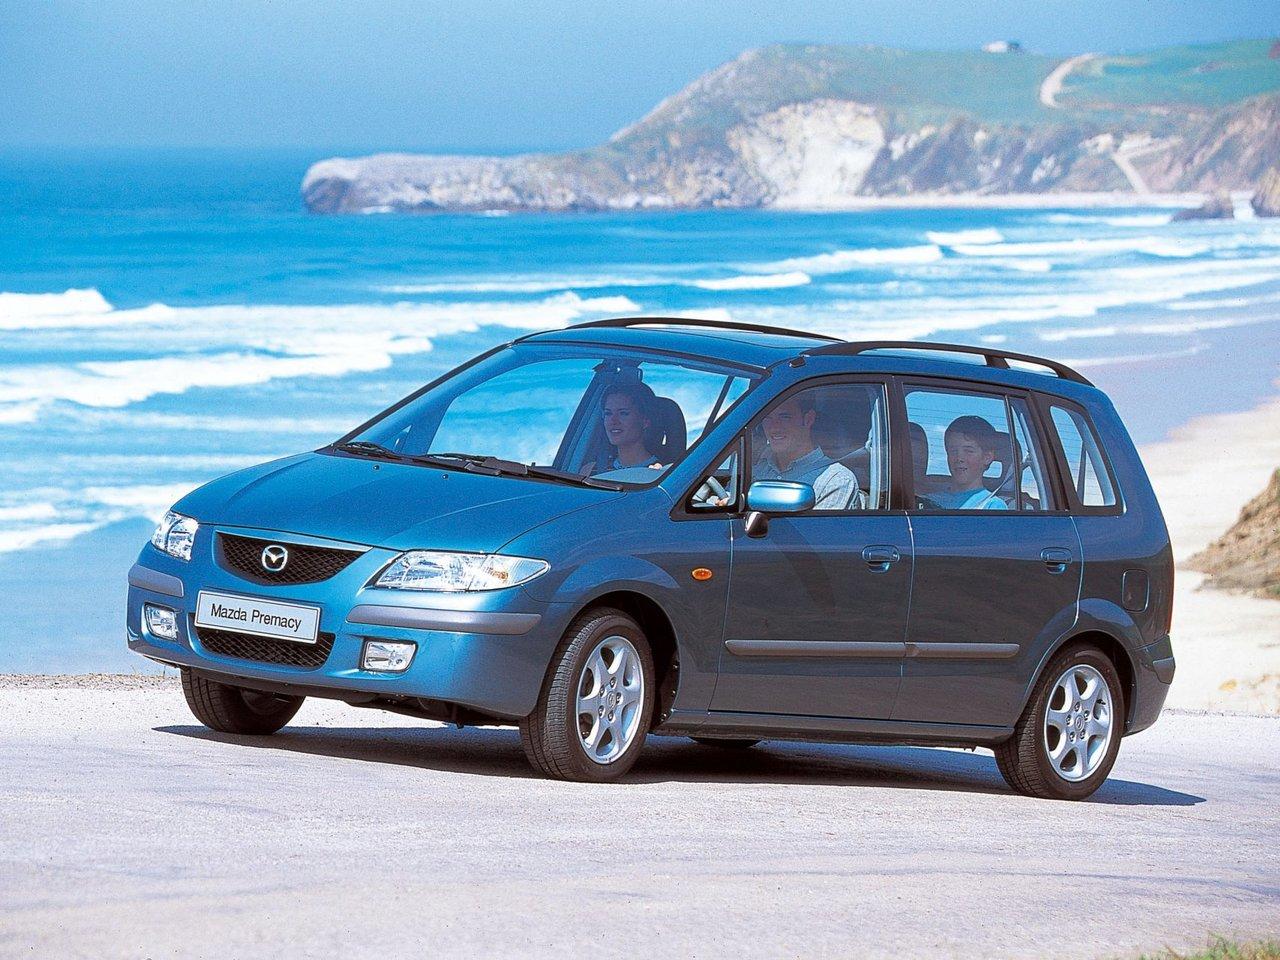 Mazda Premacy I